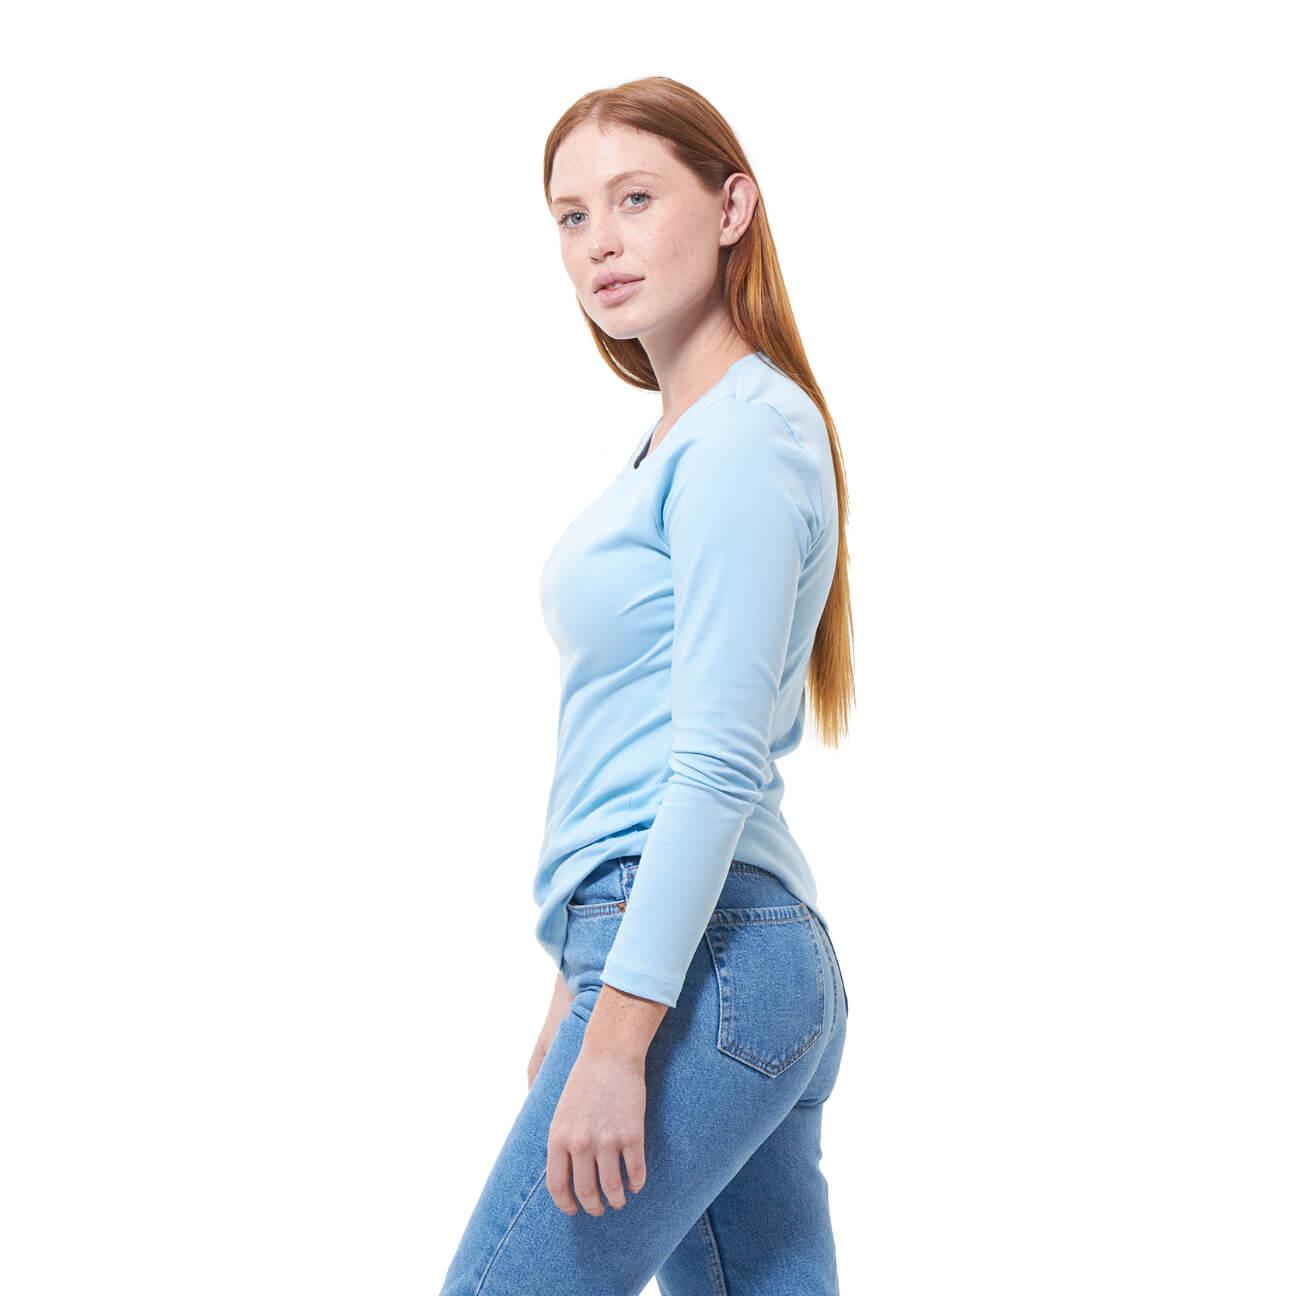 Franela basica dama manga larga azul claro lado